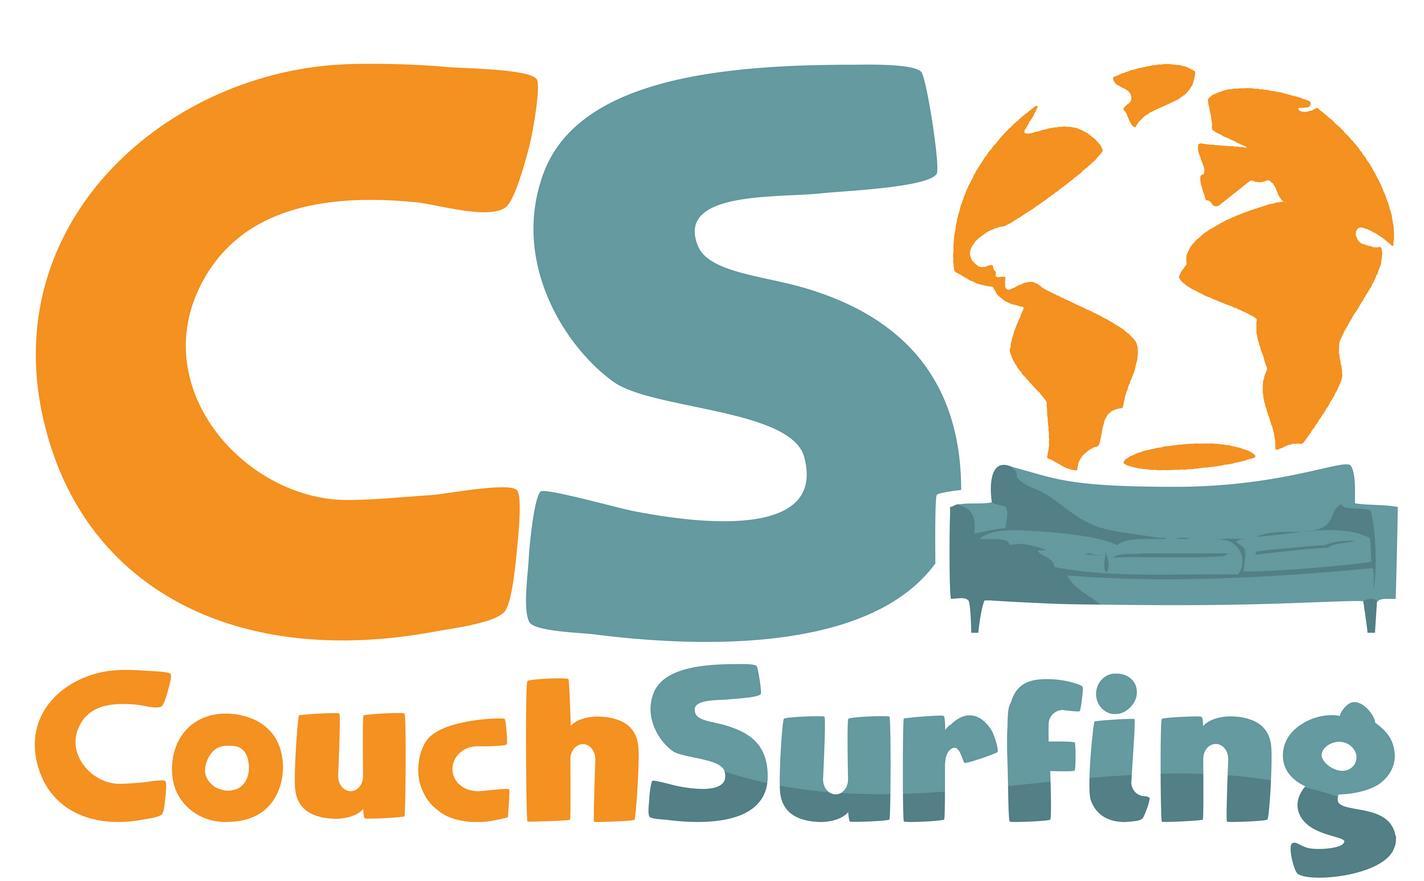 couchsurfing - 02